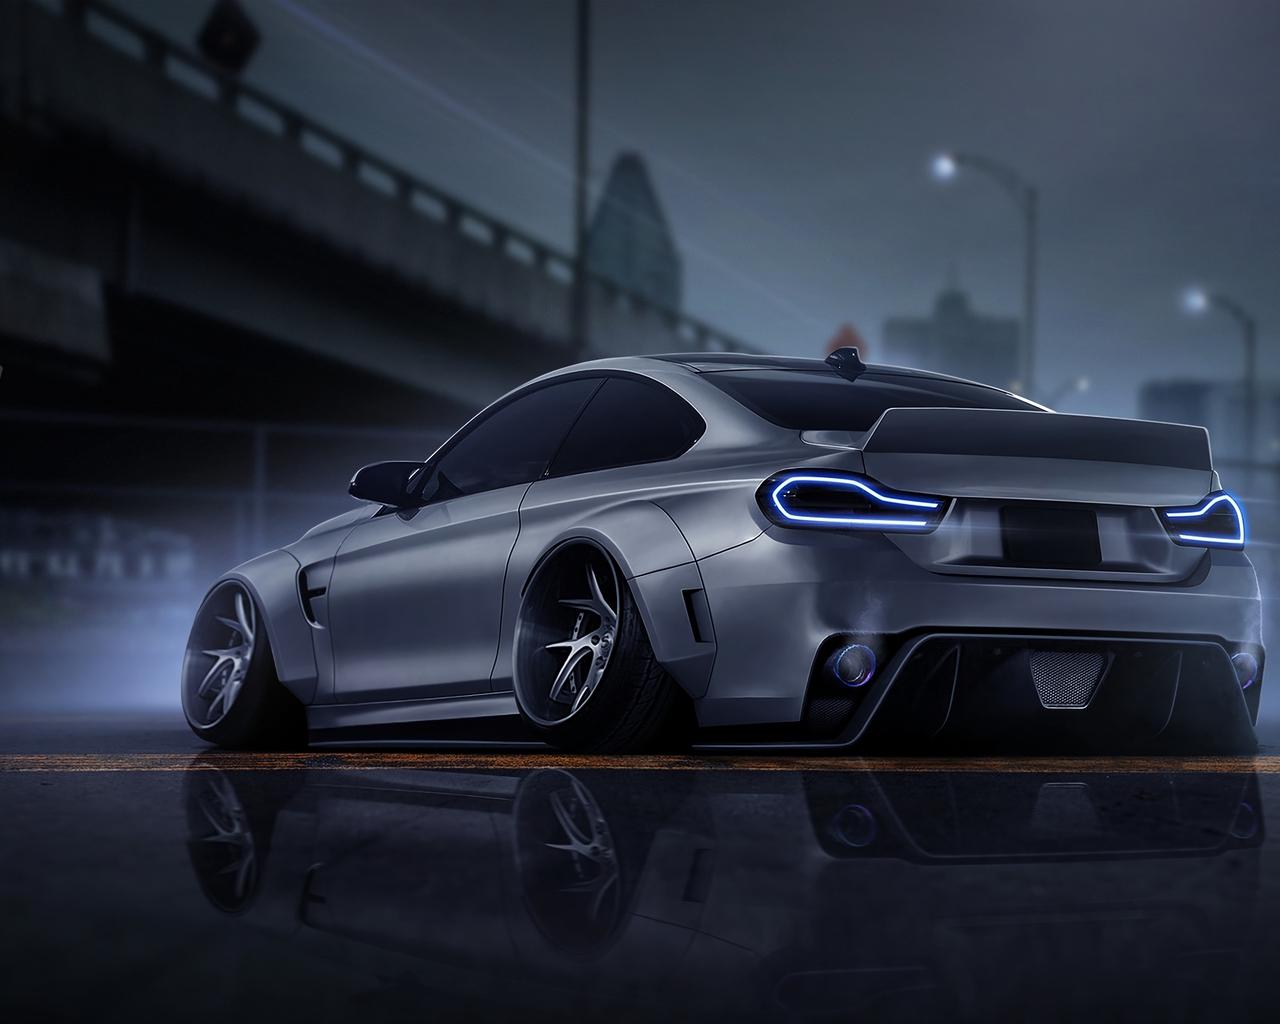 bmw-f82-dark-side-car-digital-art-4k-3d.jpg